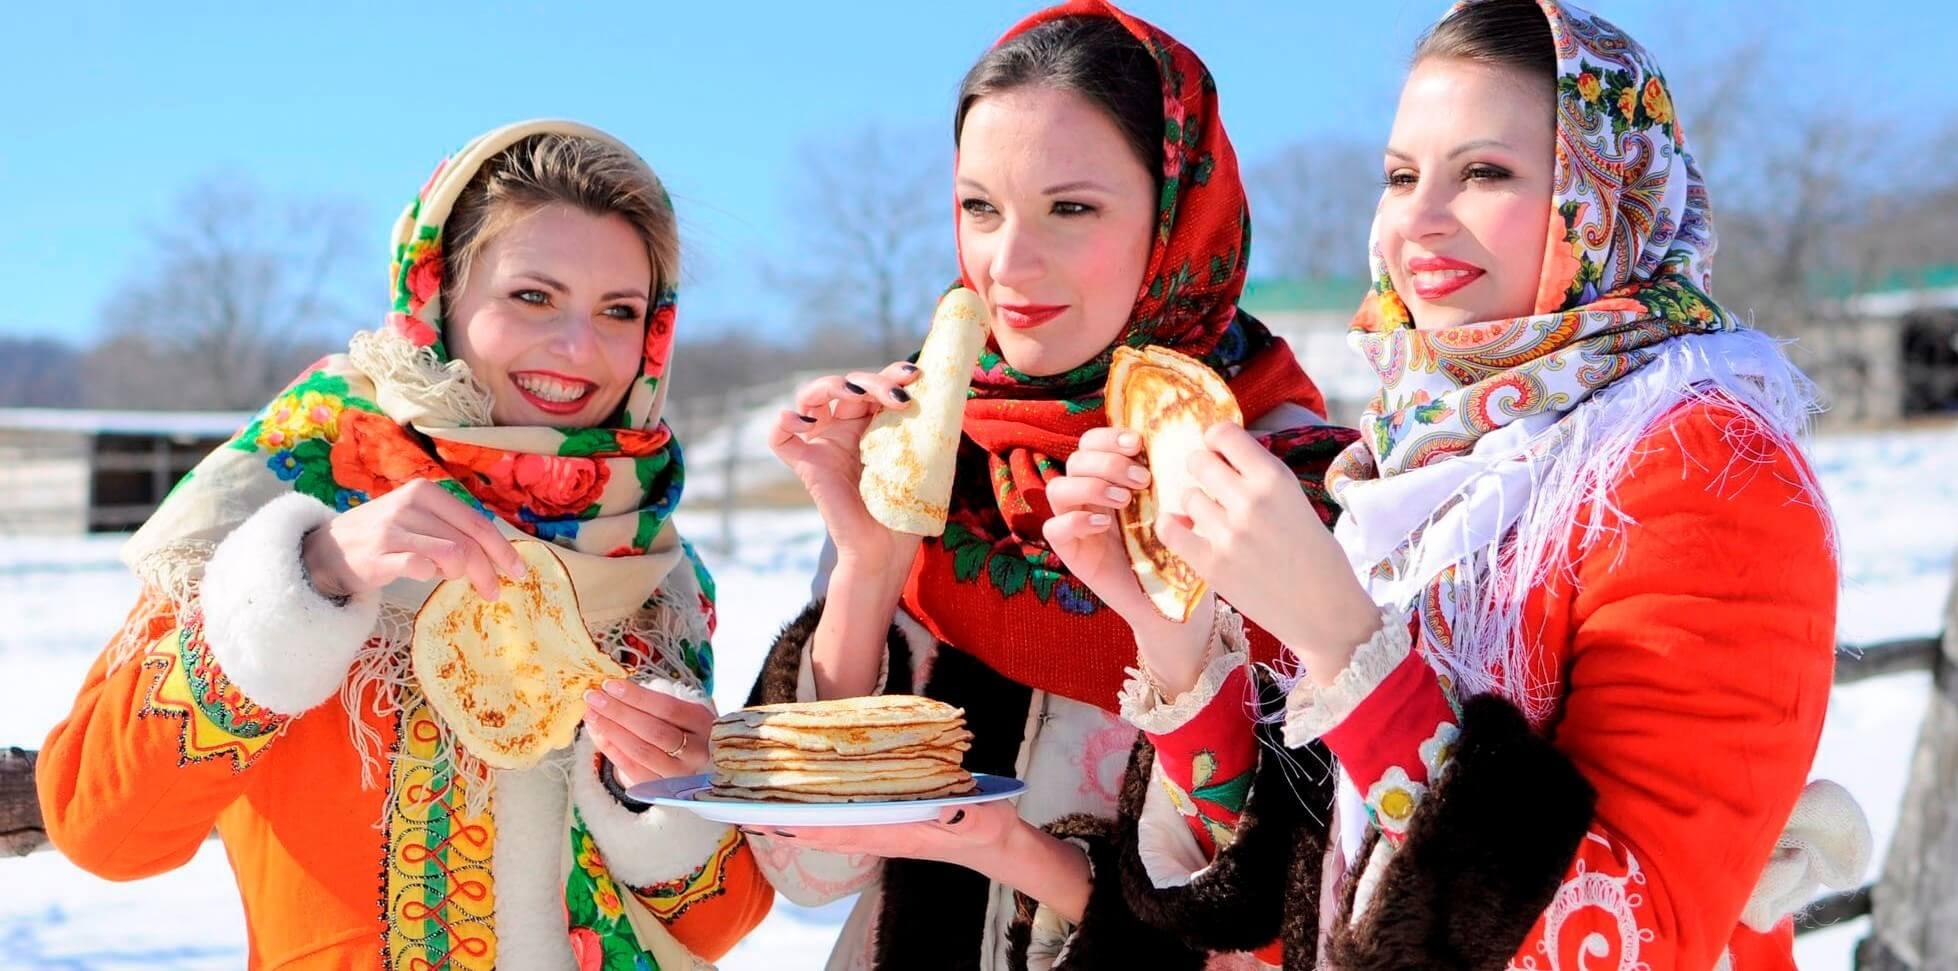 Кратко о Масленице - Масленица, традиции и обычаи праздника